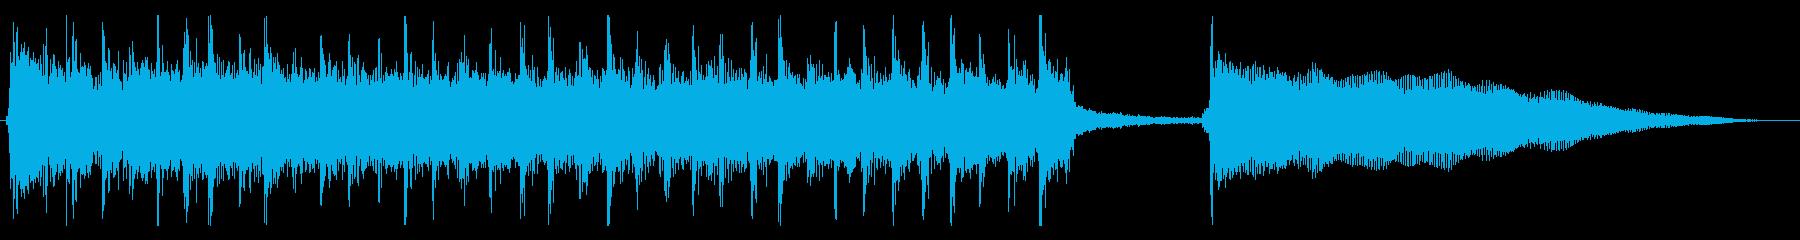 ロックバンドでオチや失敗時に合うジングルの再生済みの波形